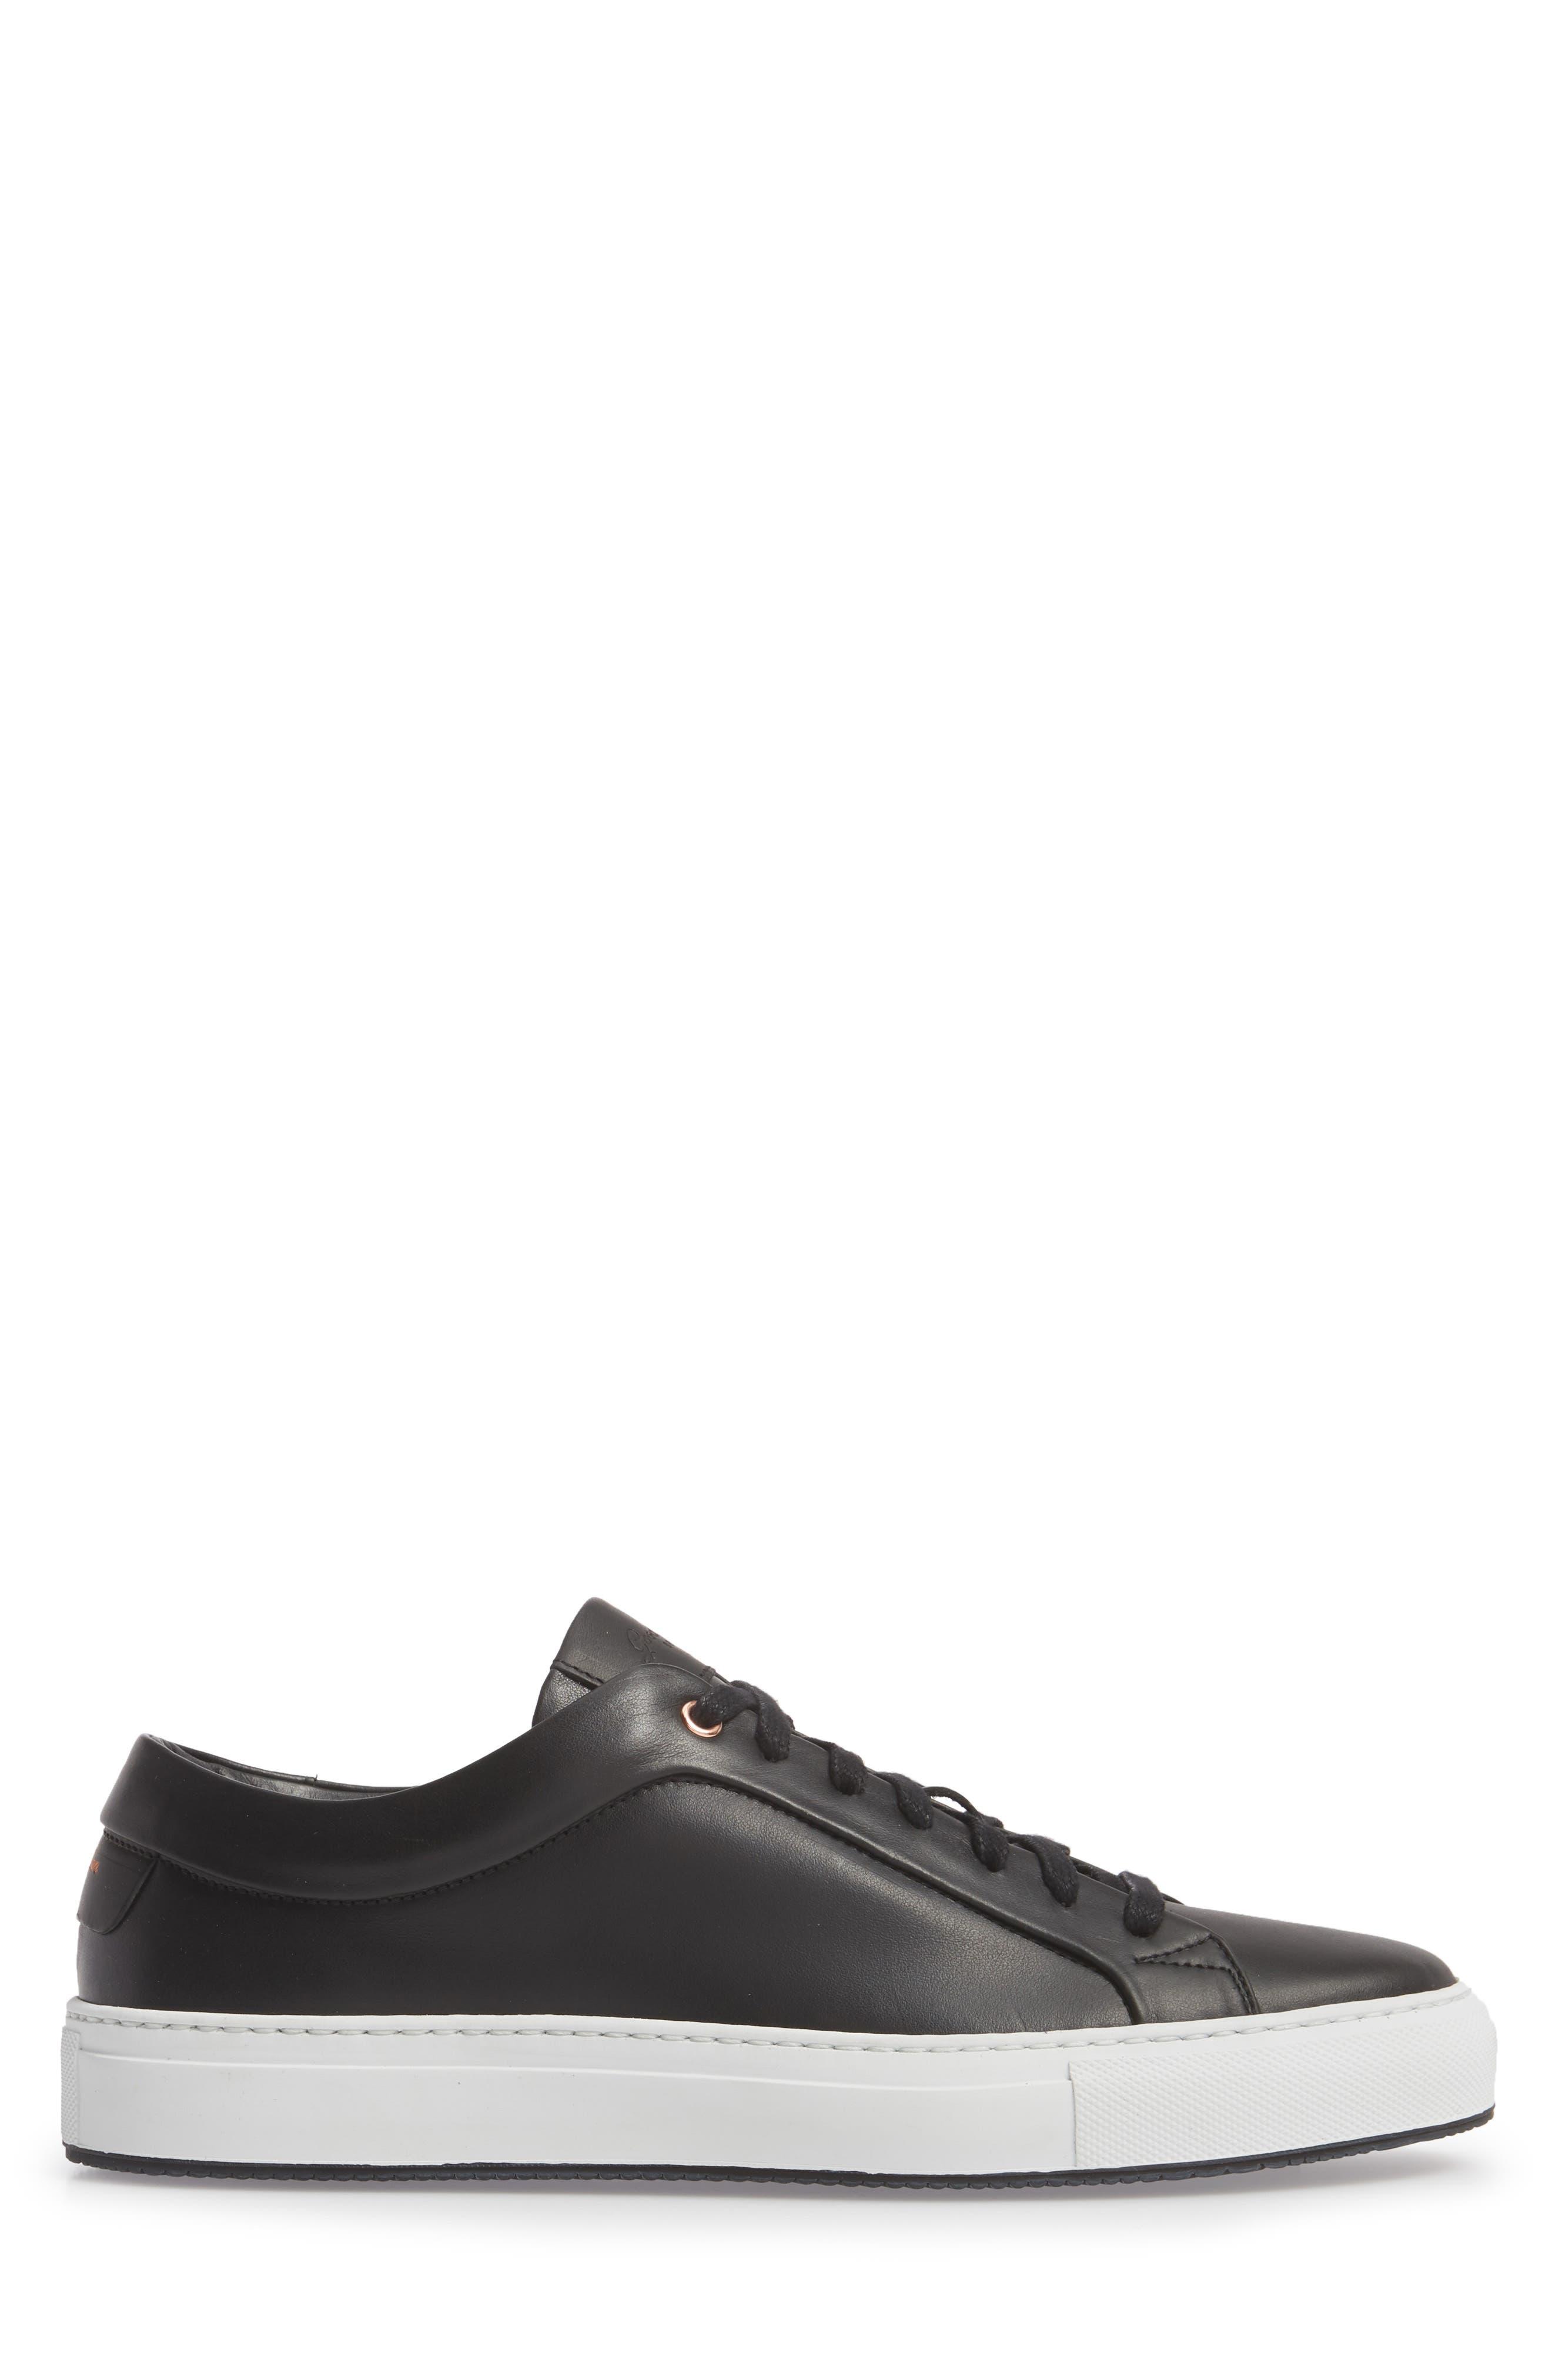 Sure Shot Premium Low Top Sneaker,                             Alternate thumbnail 3, color,                             004